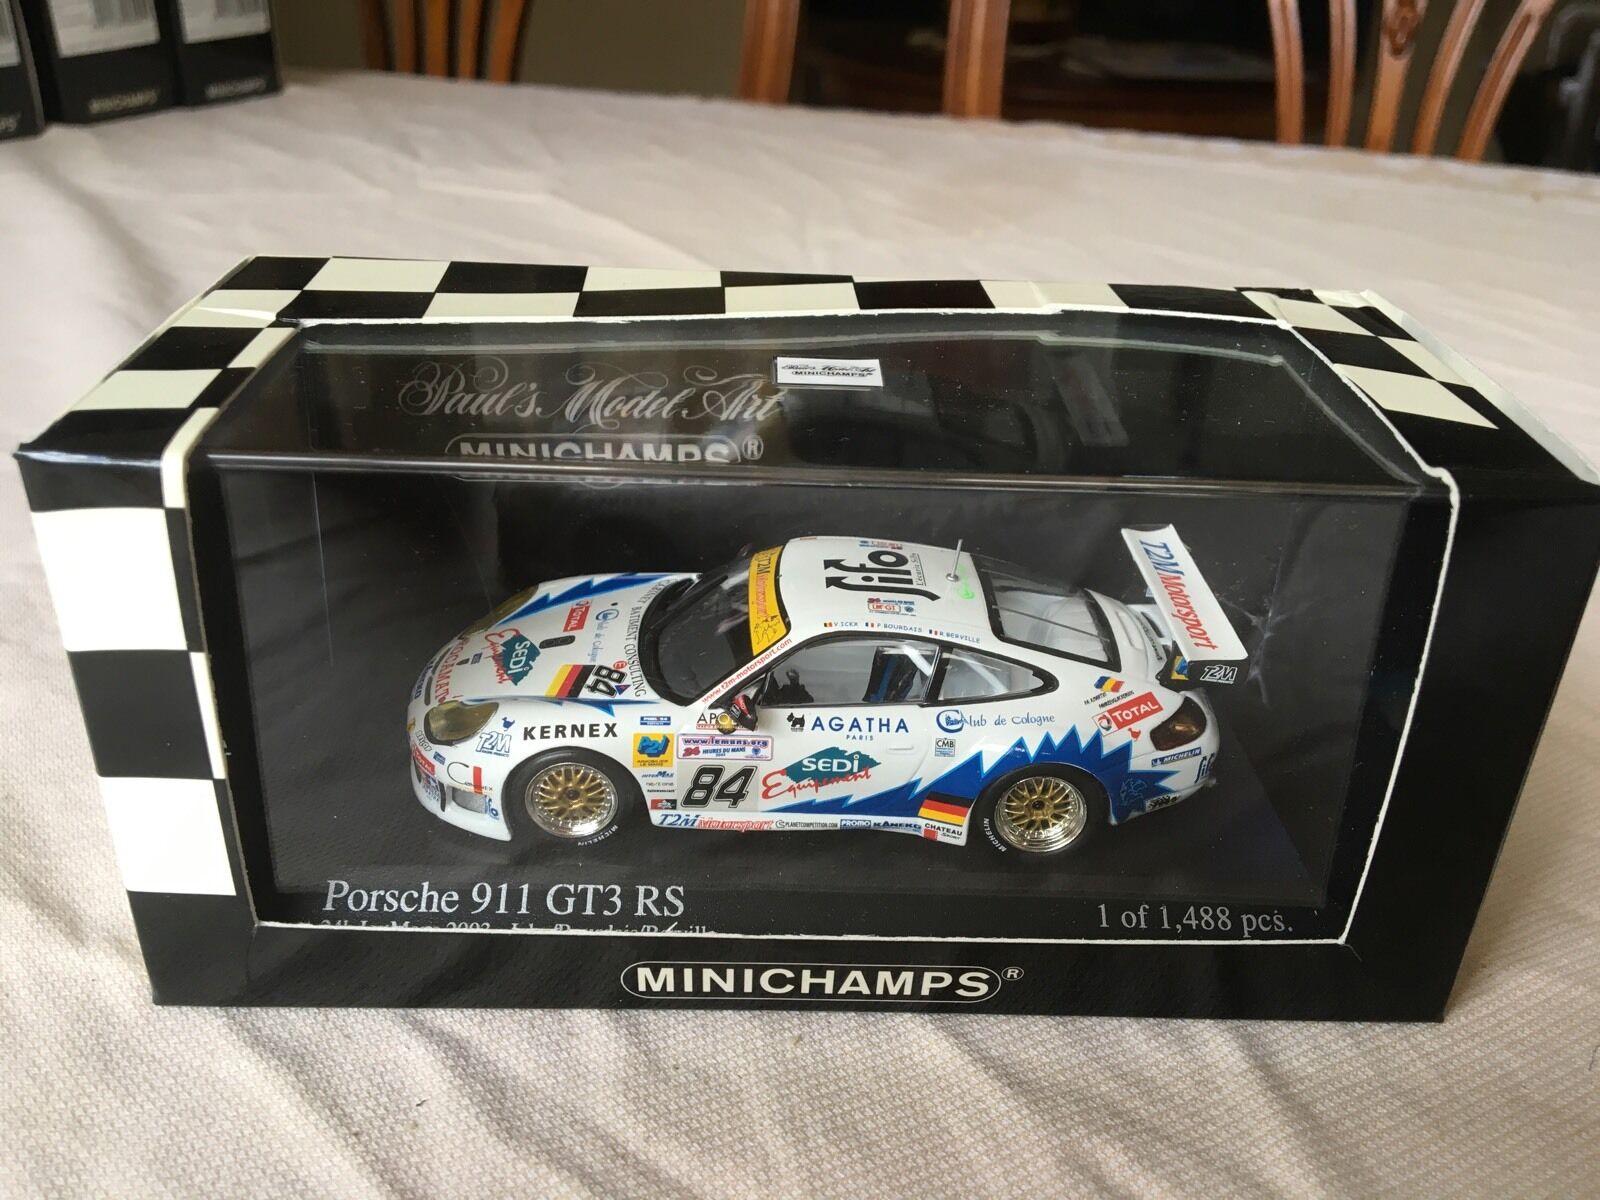 Minichamps Porsche 911 GT3 RS, 24hrs Le Mans 2003 in 1 43 scale diecast